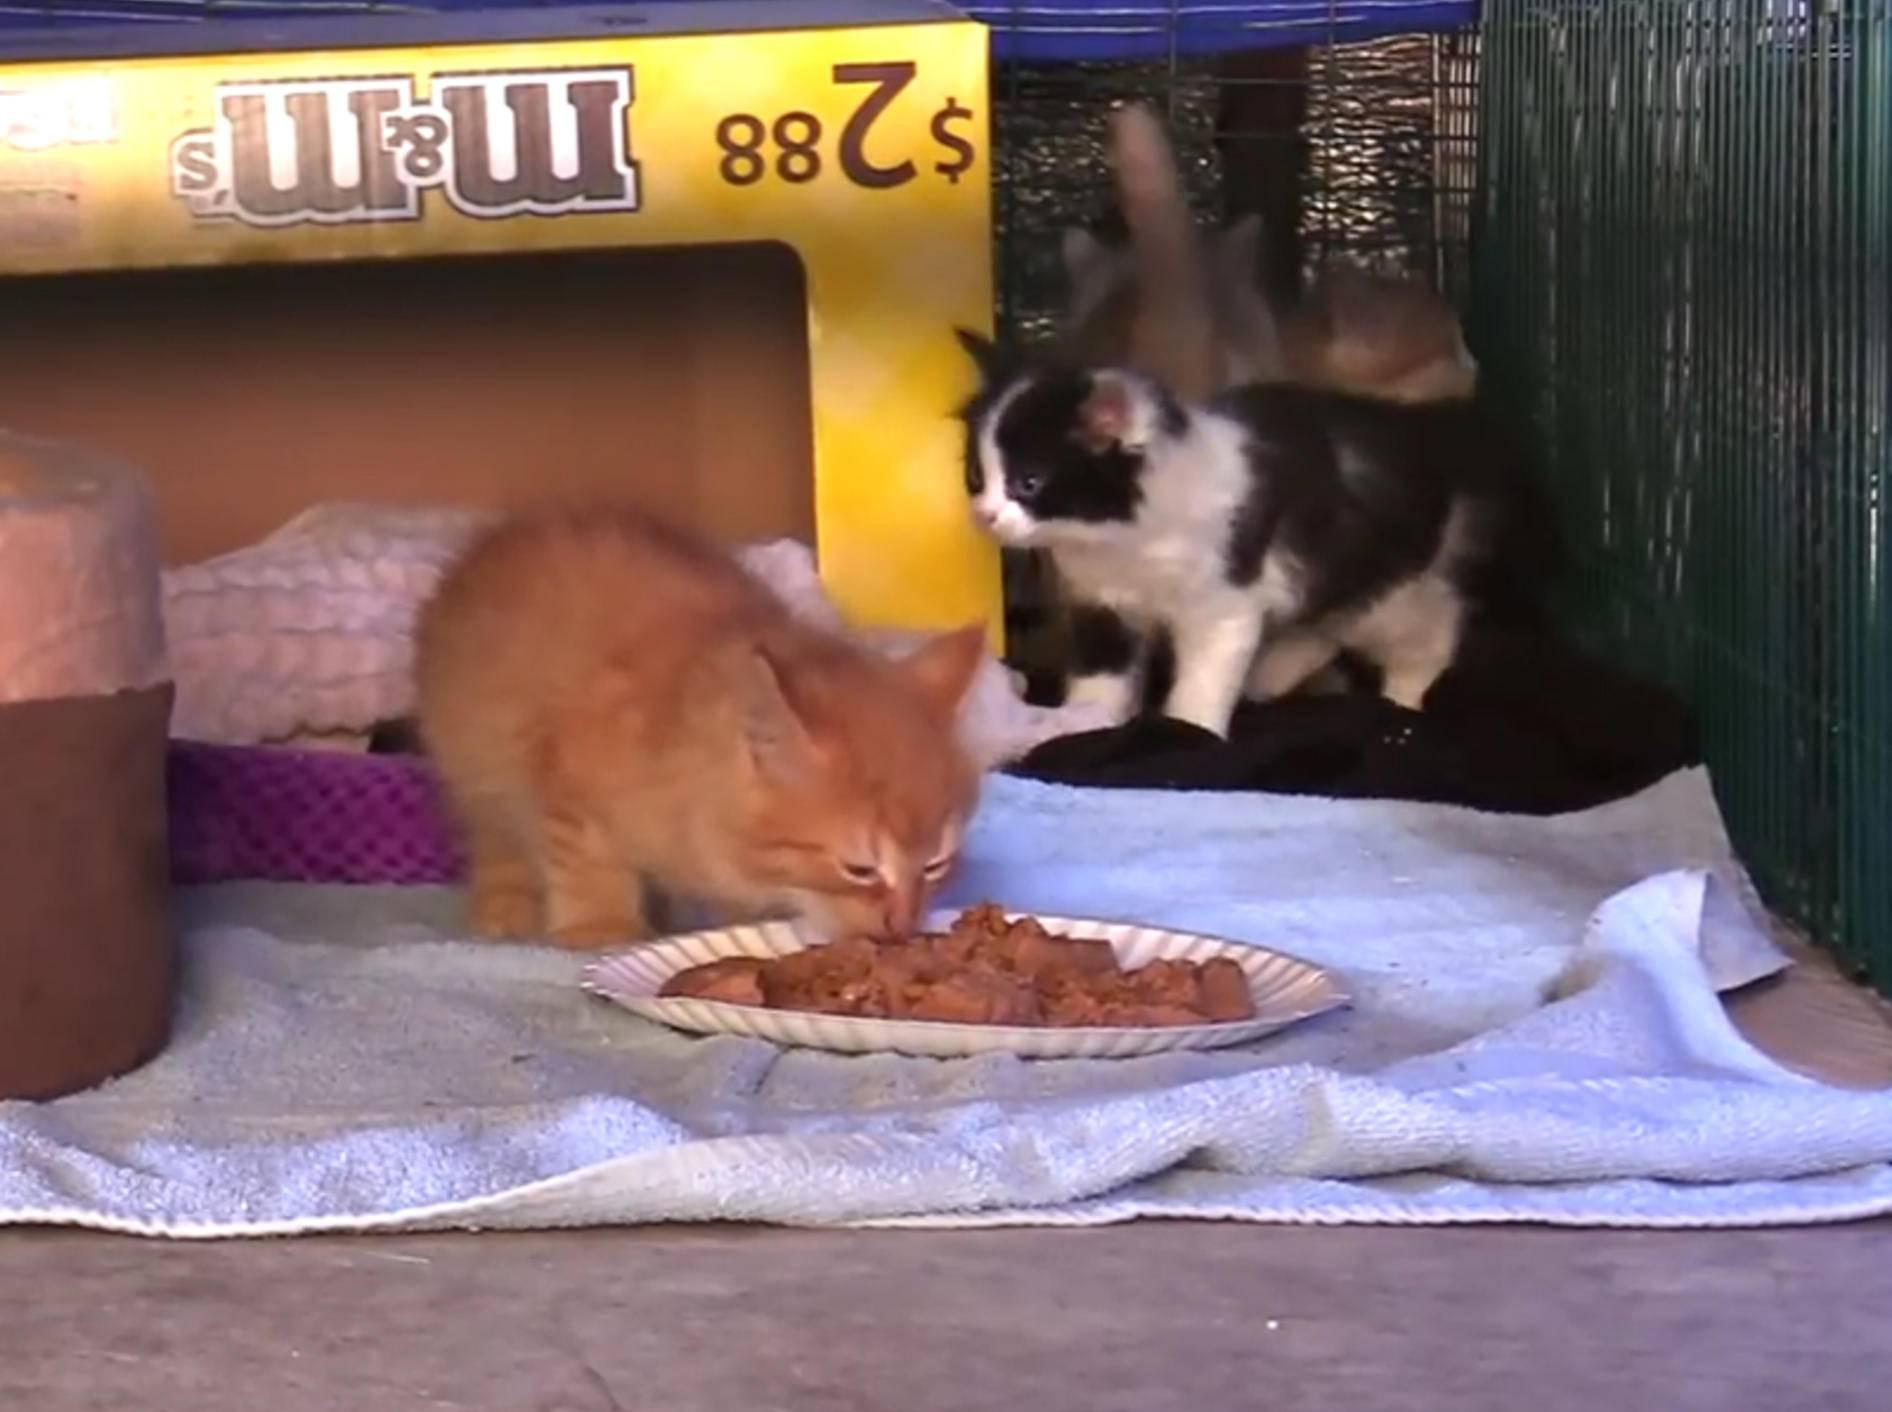 Gerettete Findelkätzchen versuchen auszubüxen – YouTube / Cat Man Chris